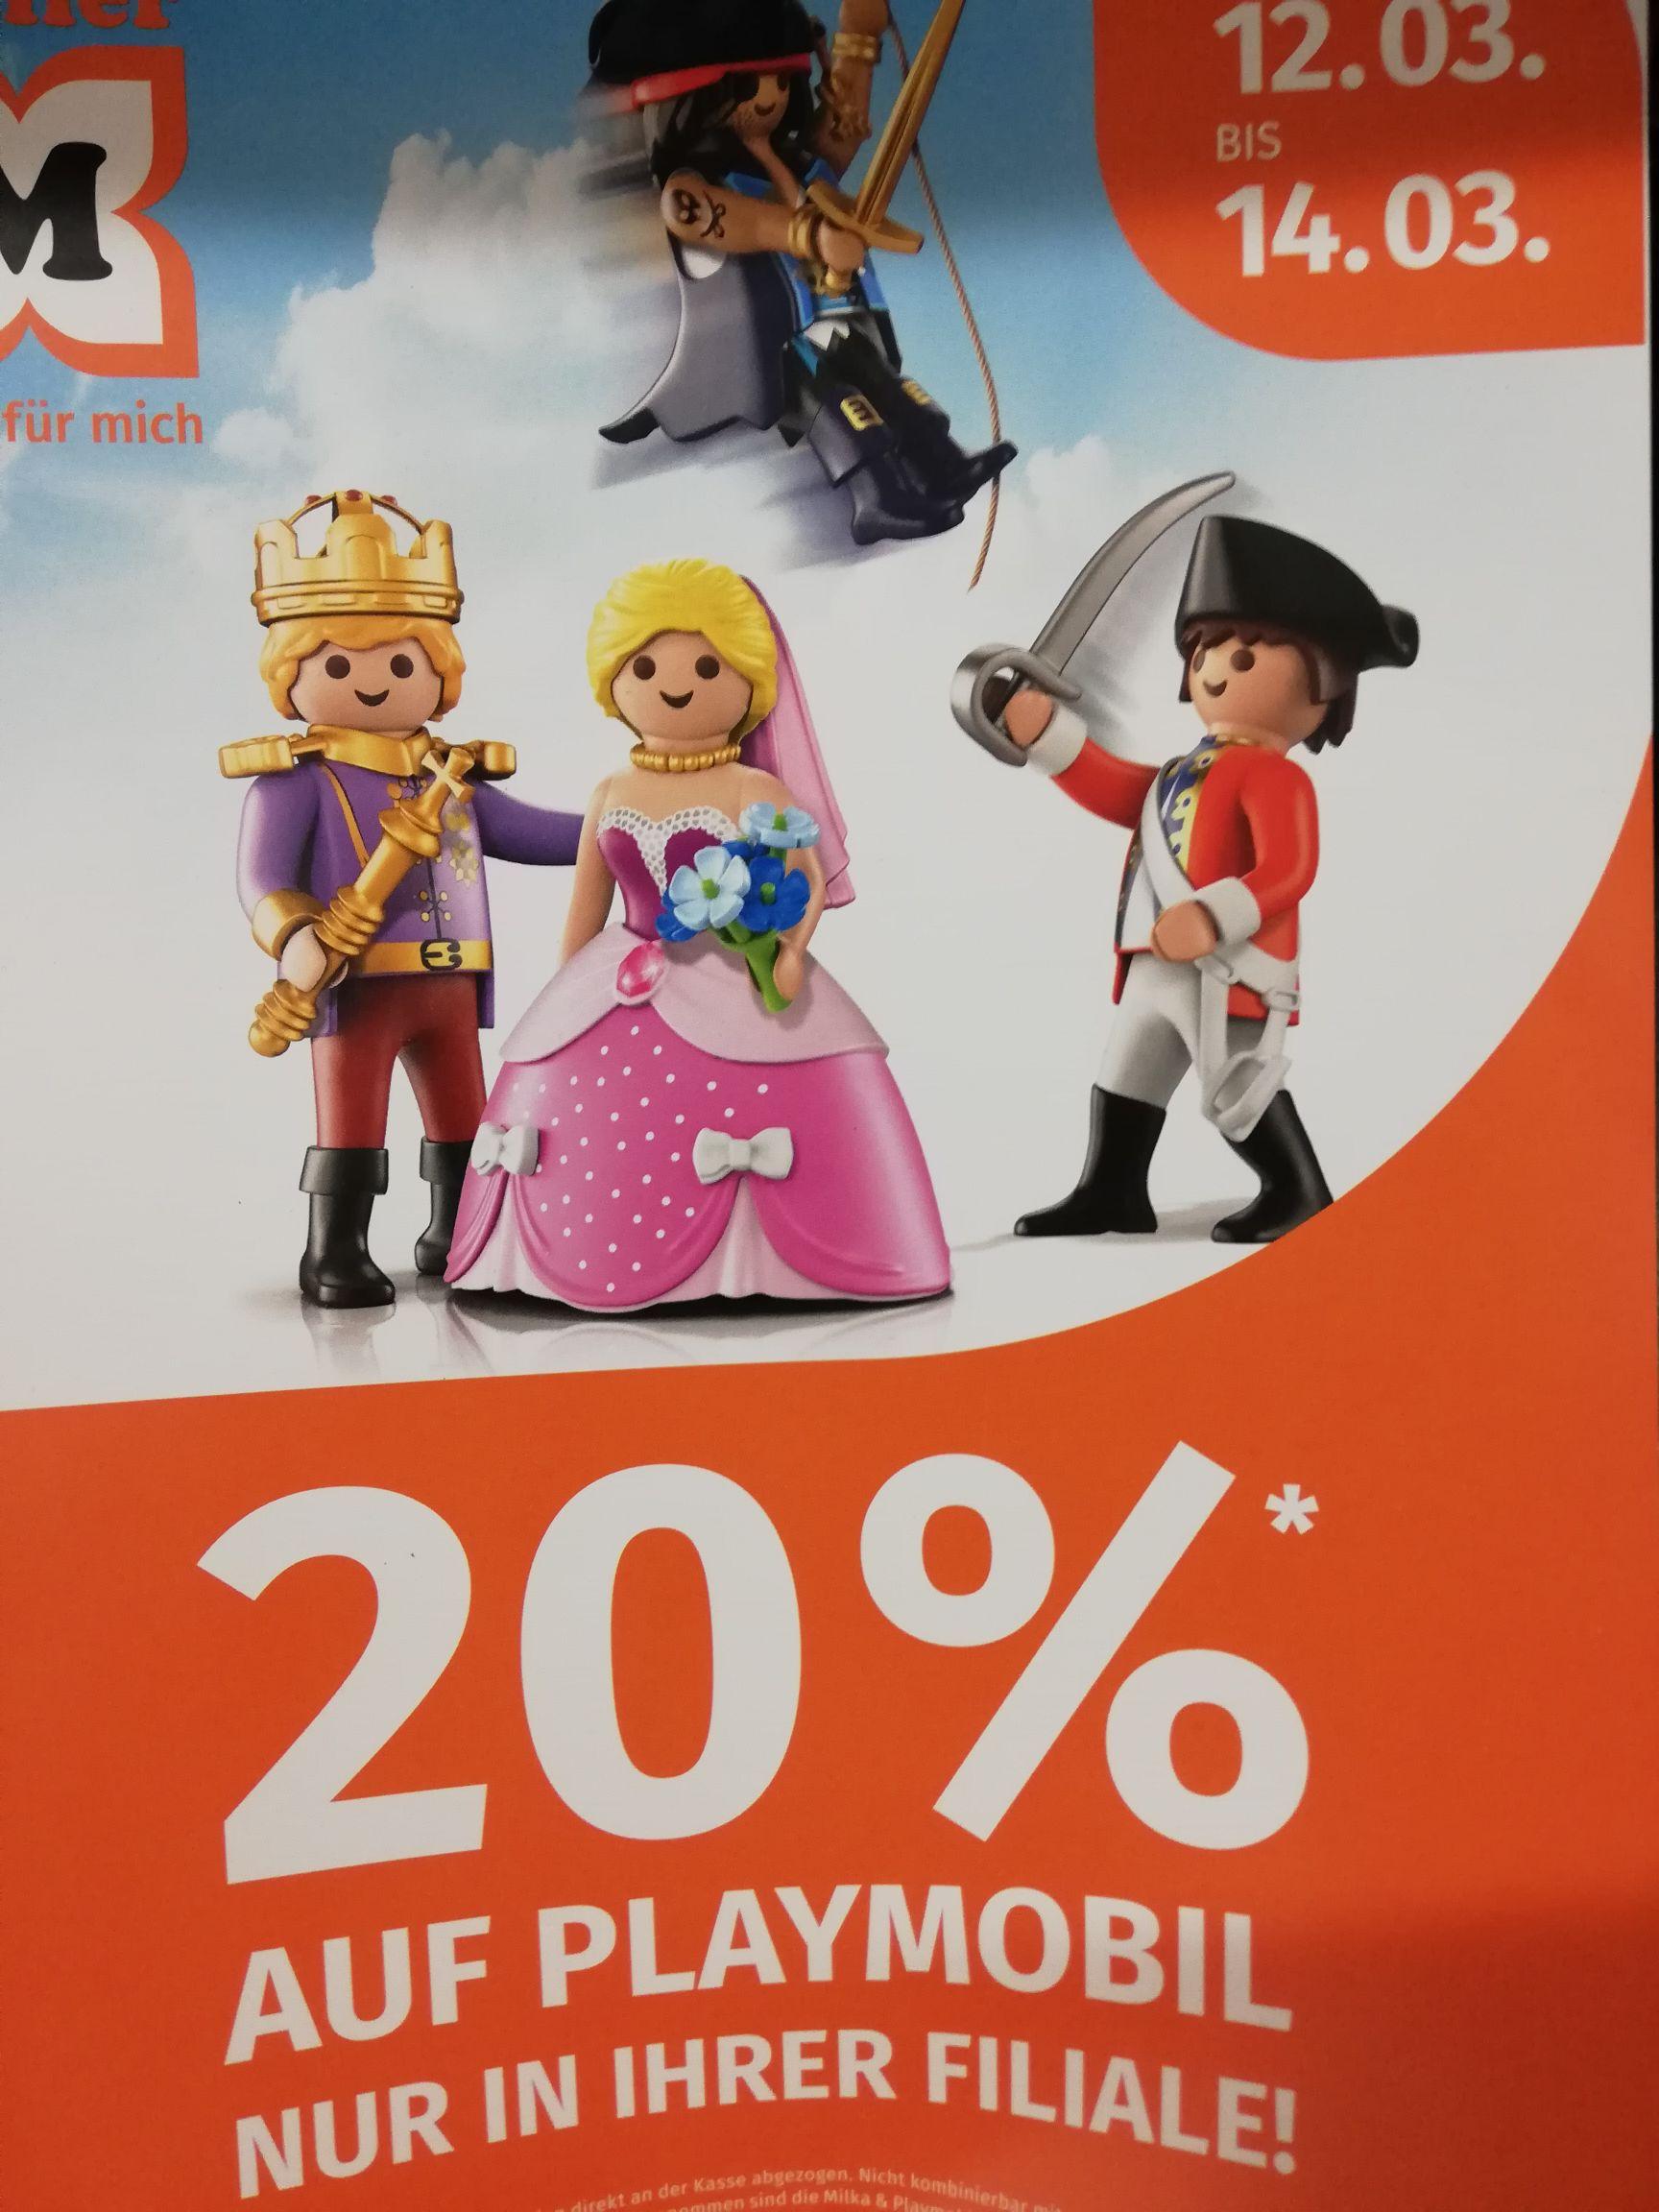 20% auf Playmobil Spielzeug bei Müller